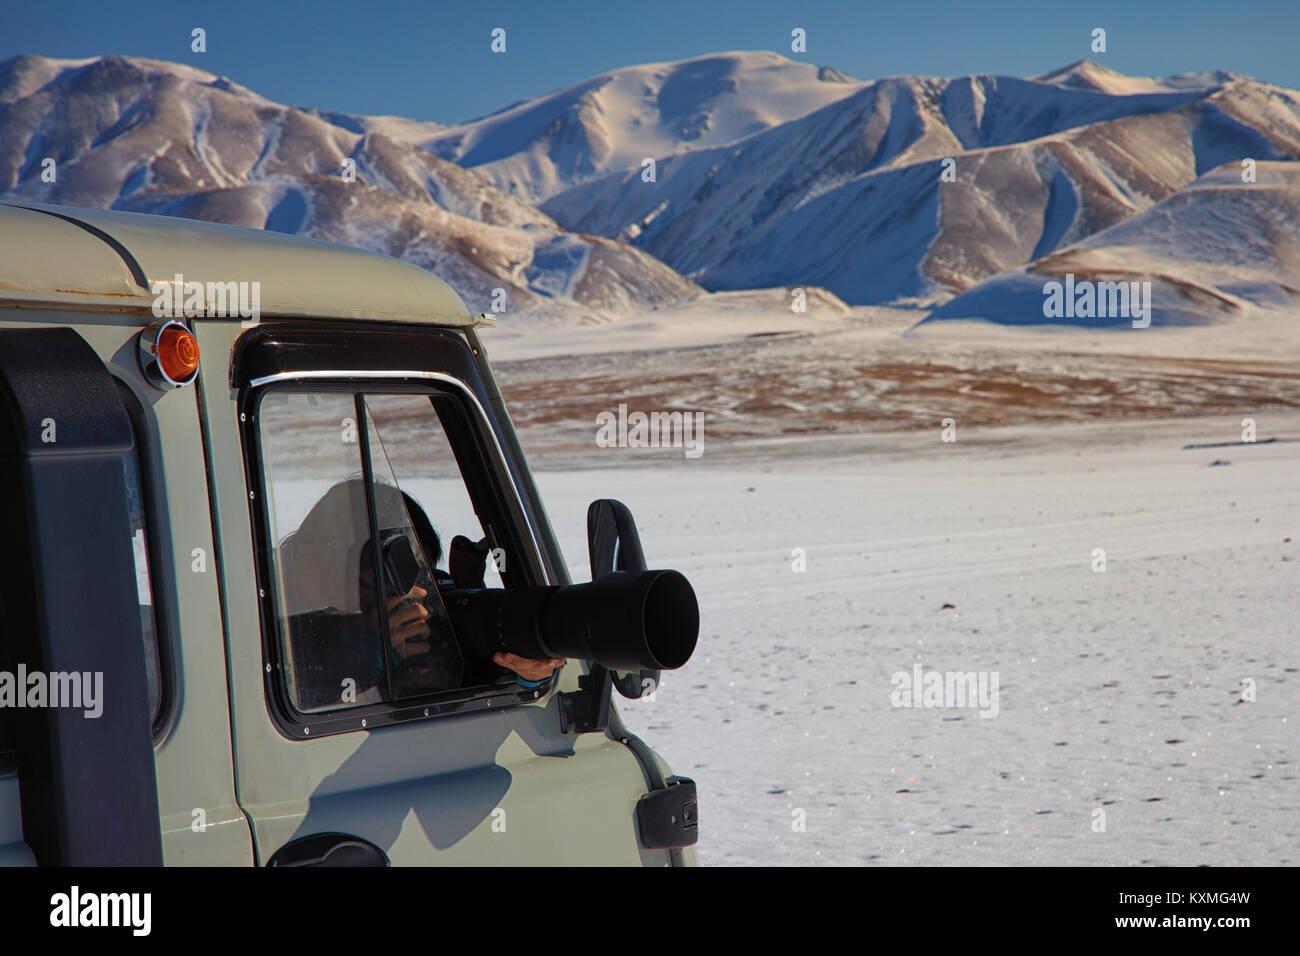 Chica tomando fotografías van ruso UAZ 452 camper dslr lengs zoom sigma 150-600mm invierno nieve Mongolia nevados Imagen De Stock